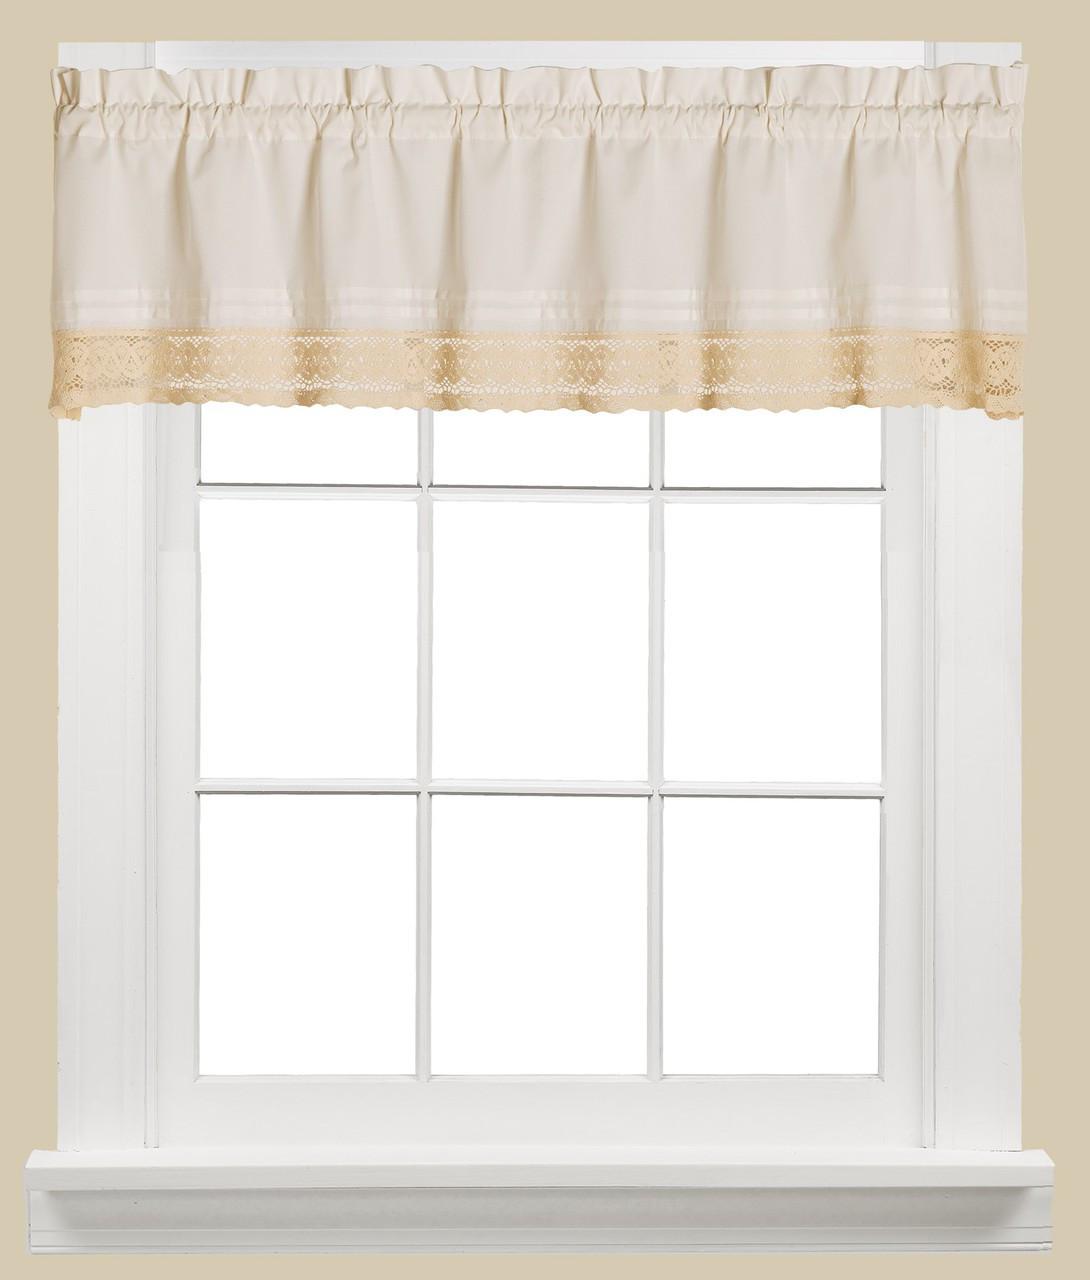 Heritage Lace Kitchen Curtain Valance